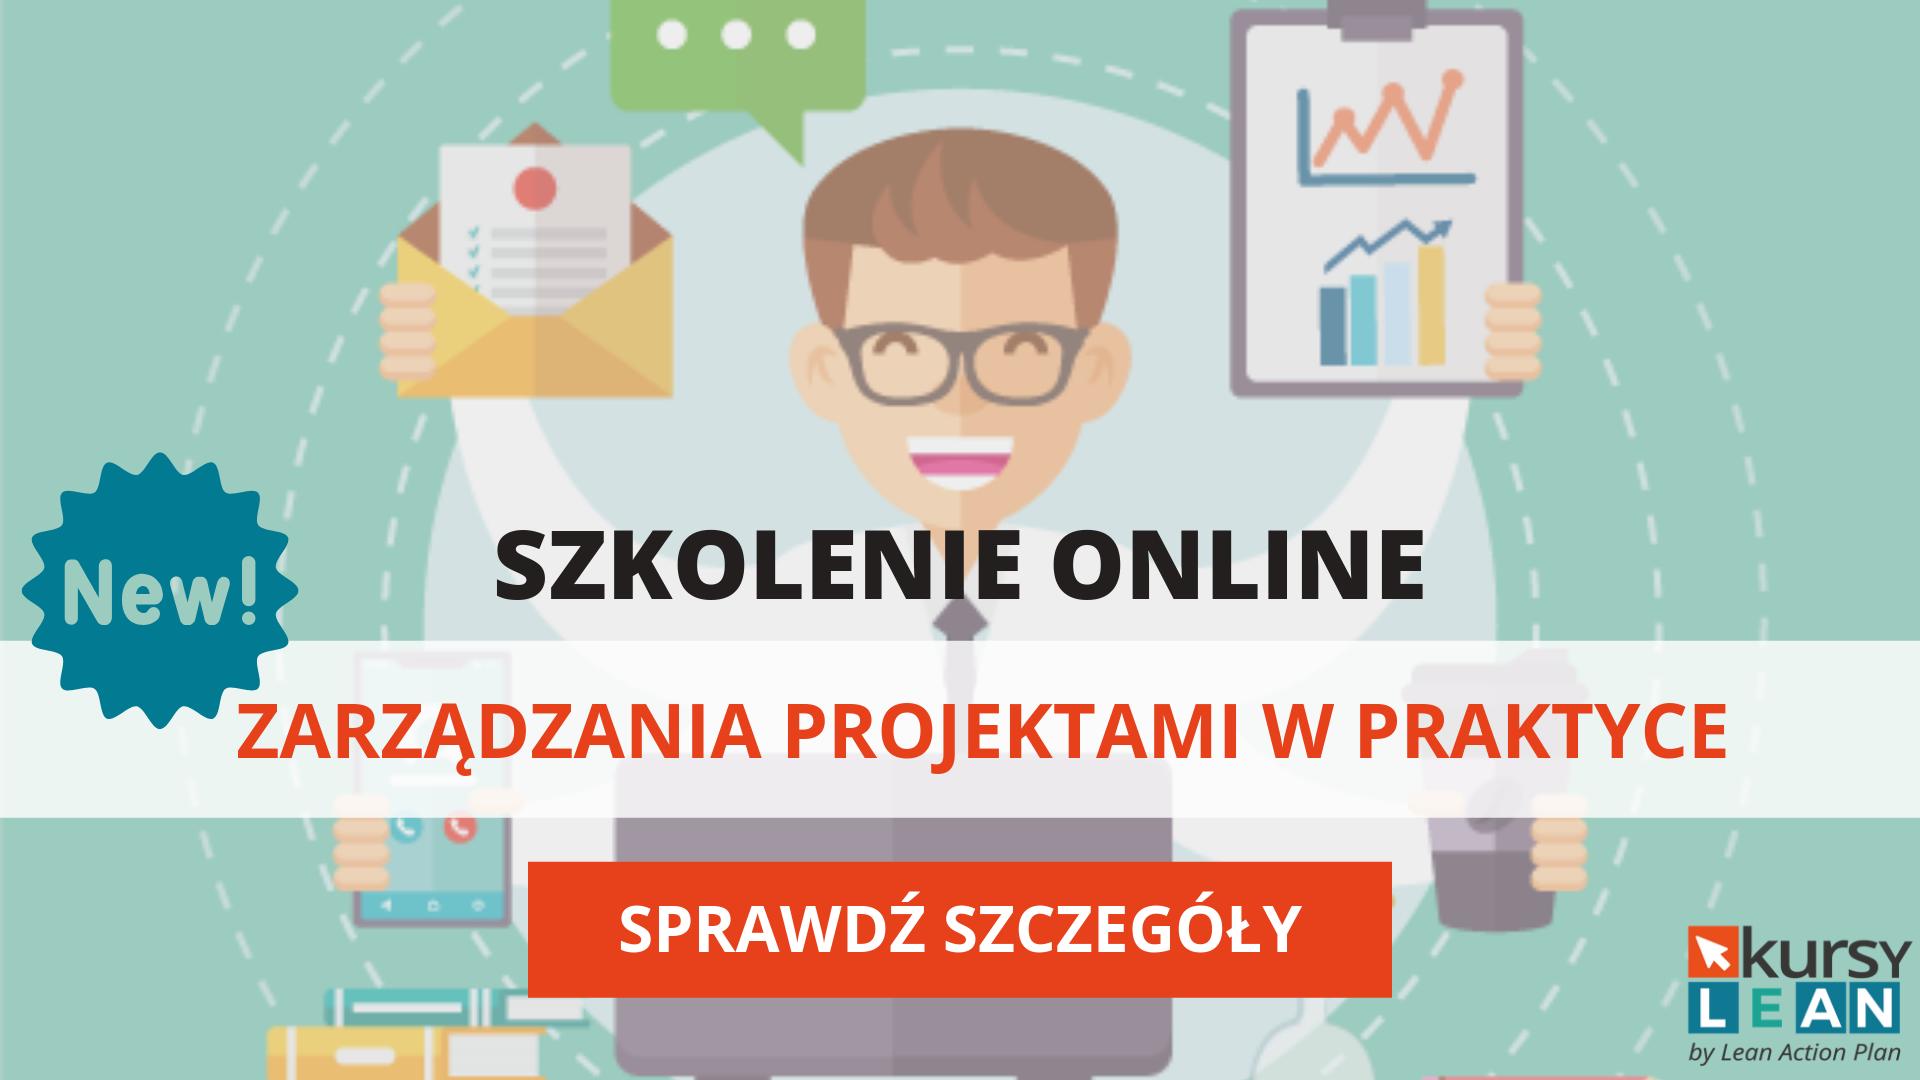 Szkolenie przez internet zarządzanie projektami